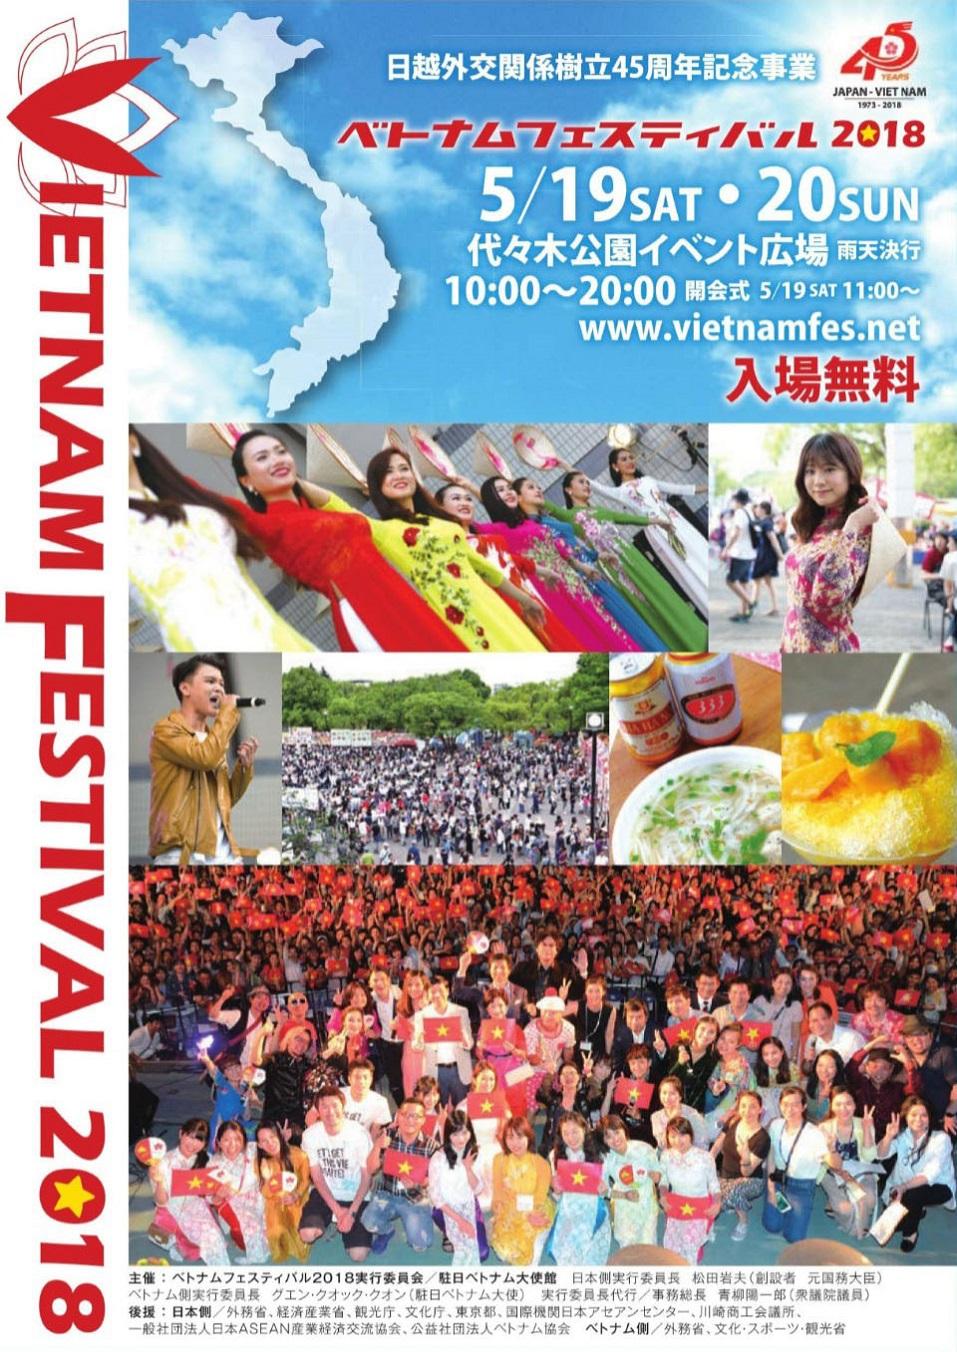 ベトナムフェスティバル2018